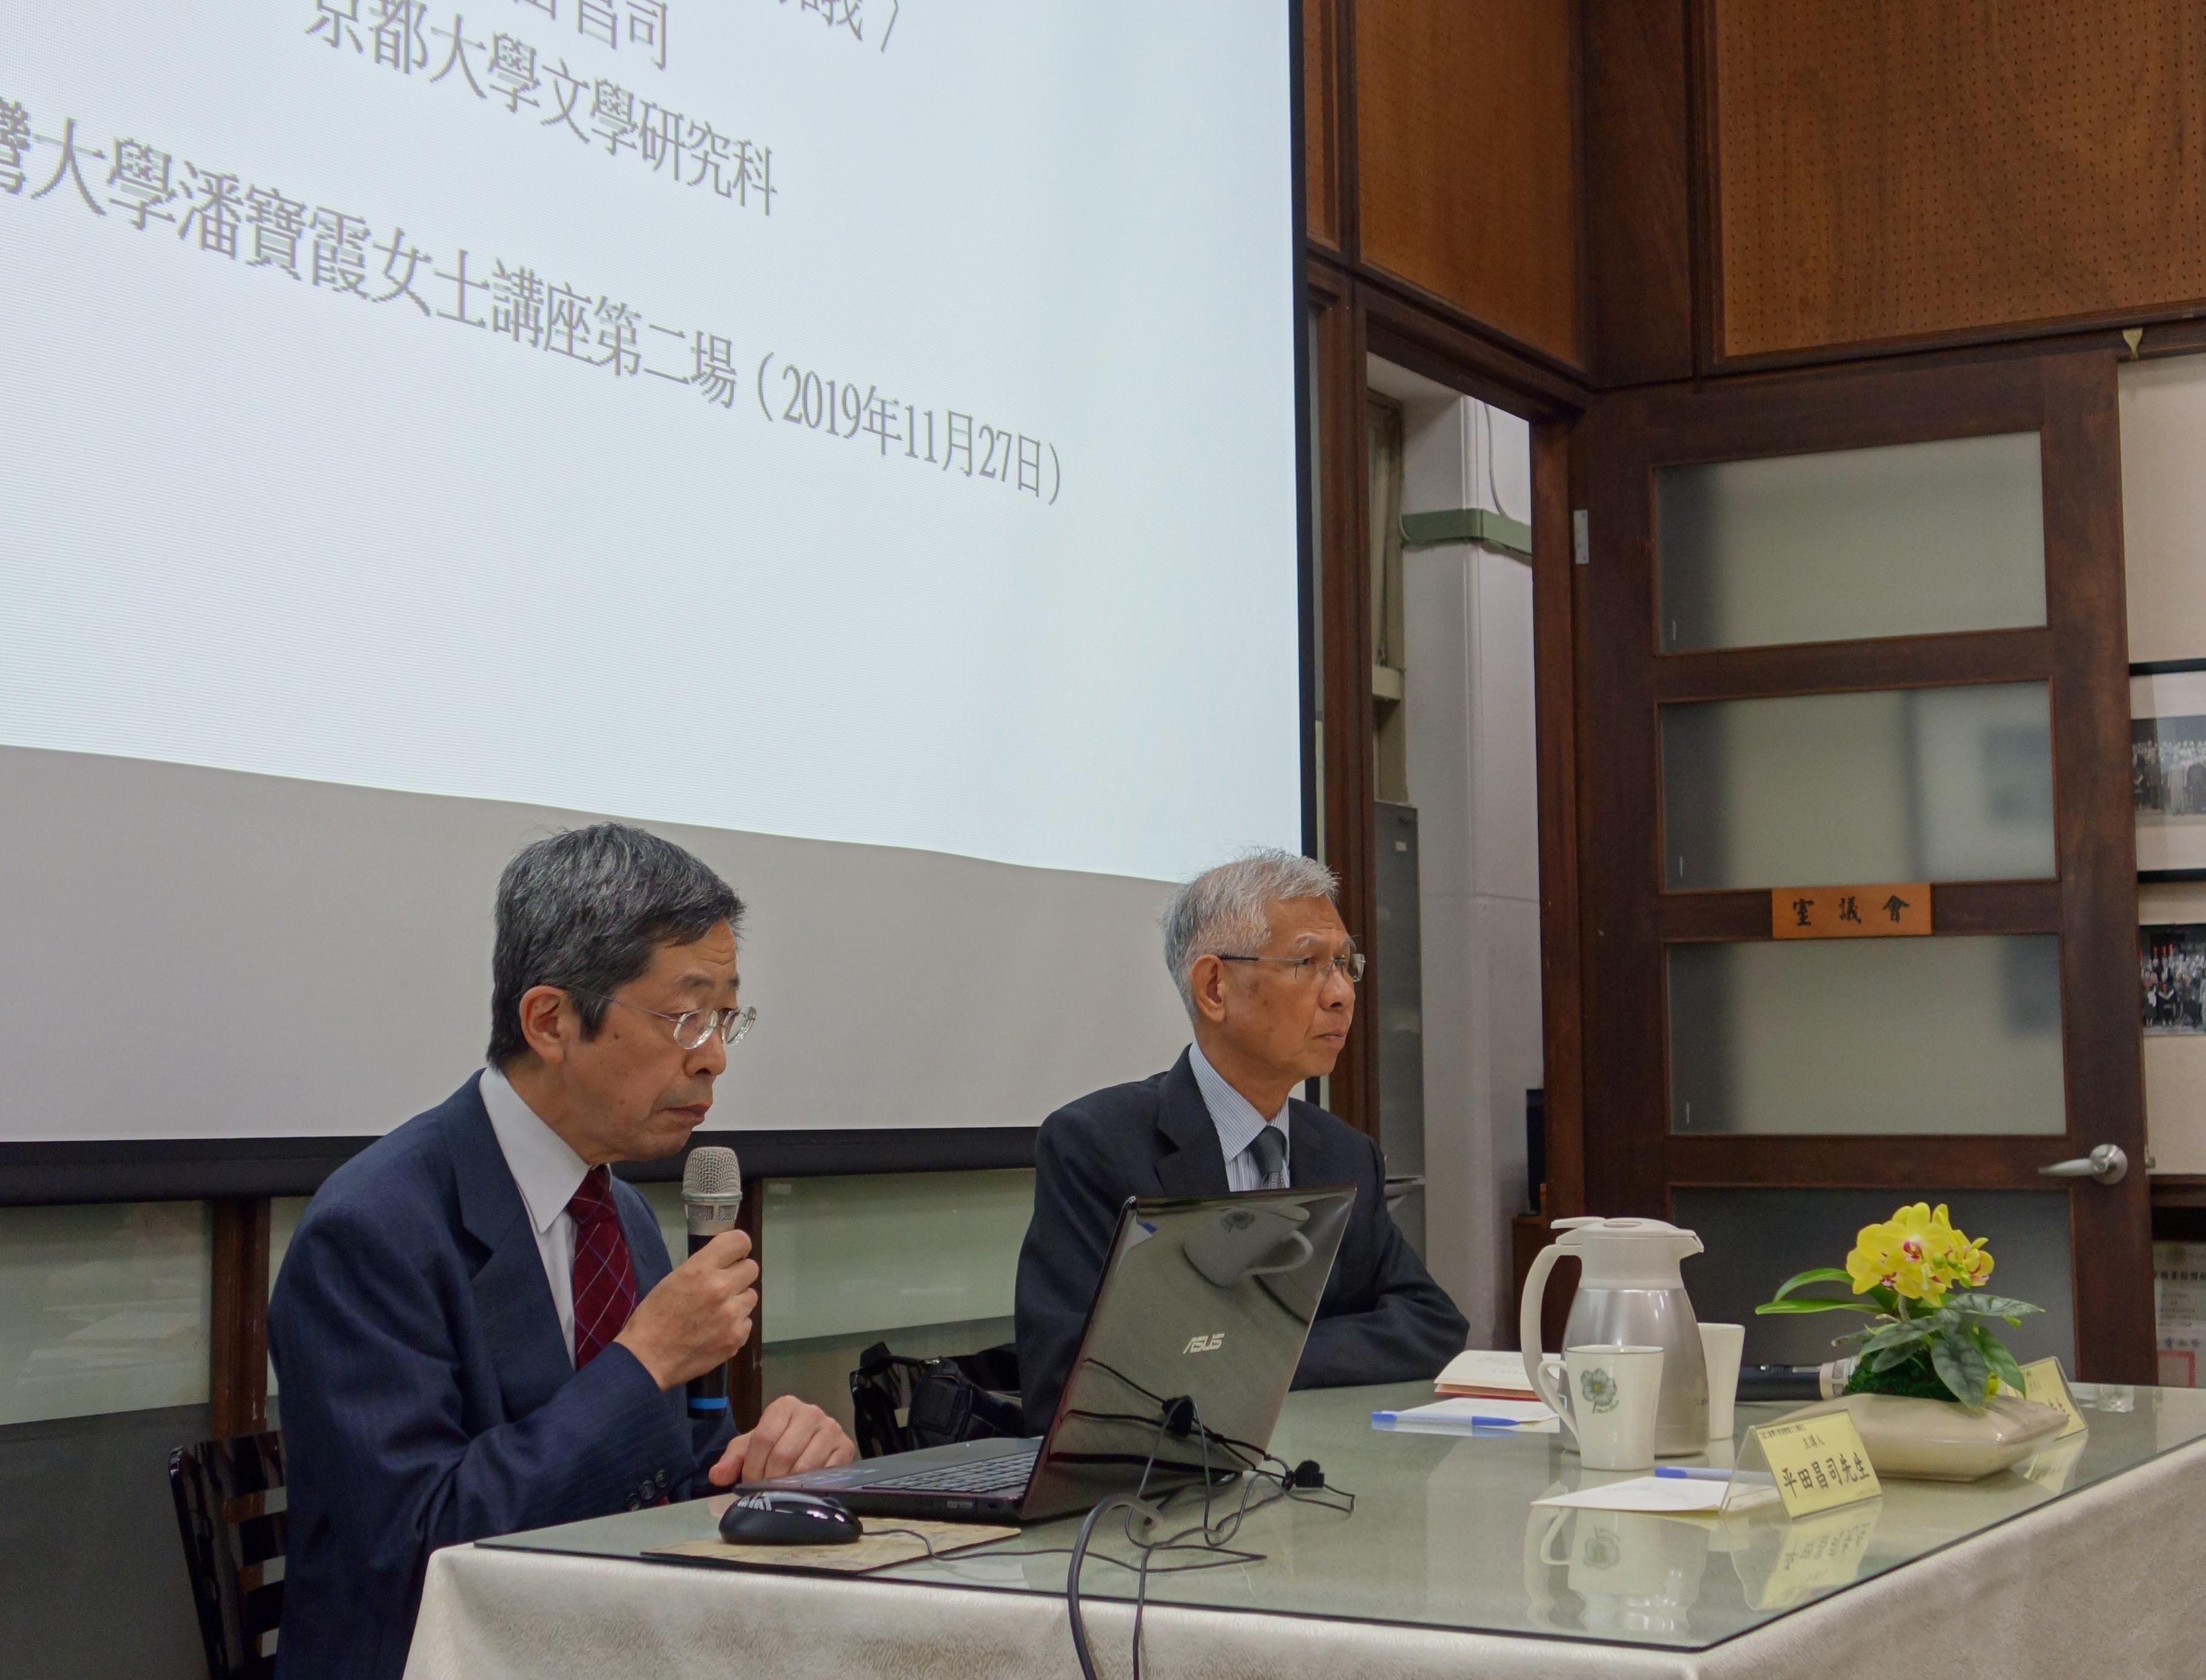 平田昌司教授演講「章太炎與胡適:重讀〈文學改良芻議〉」紀要